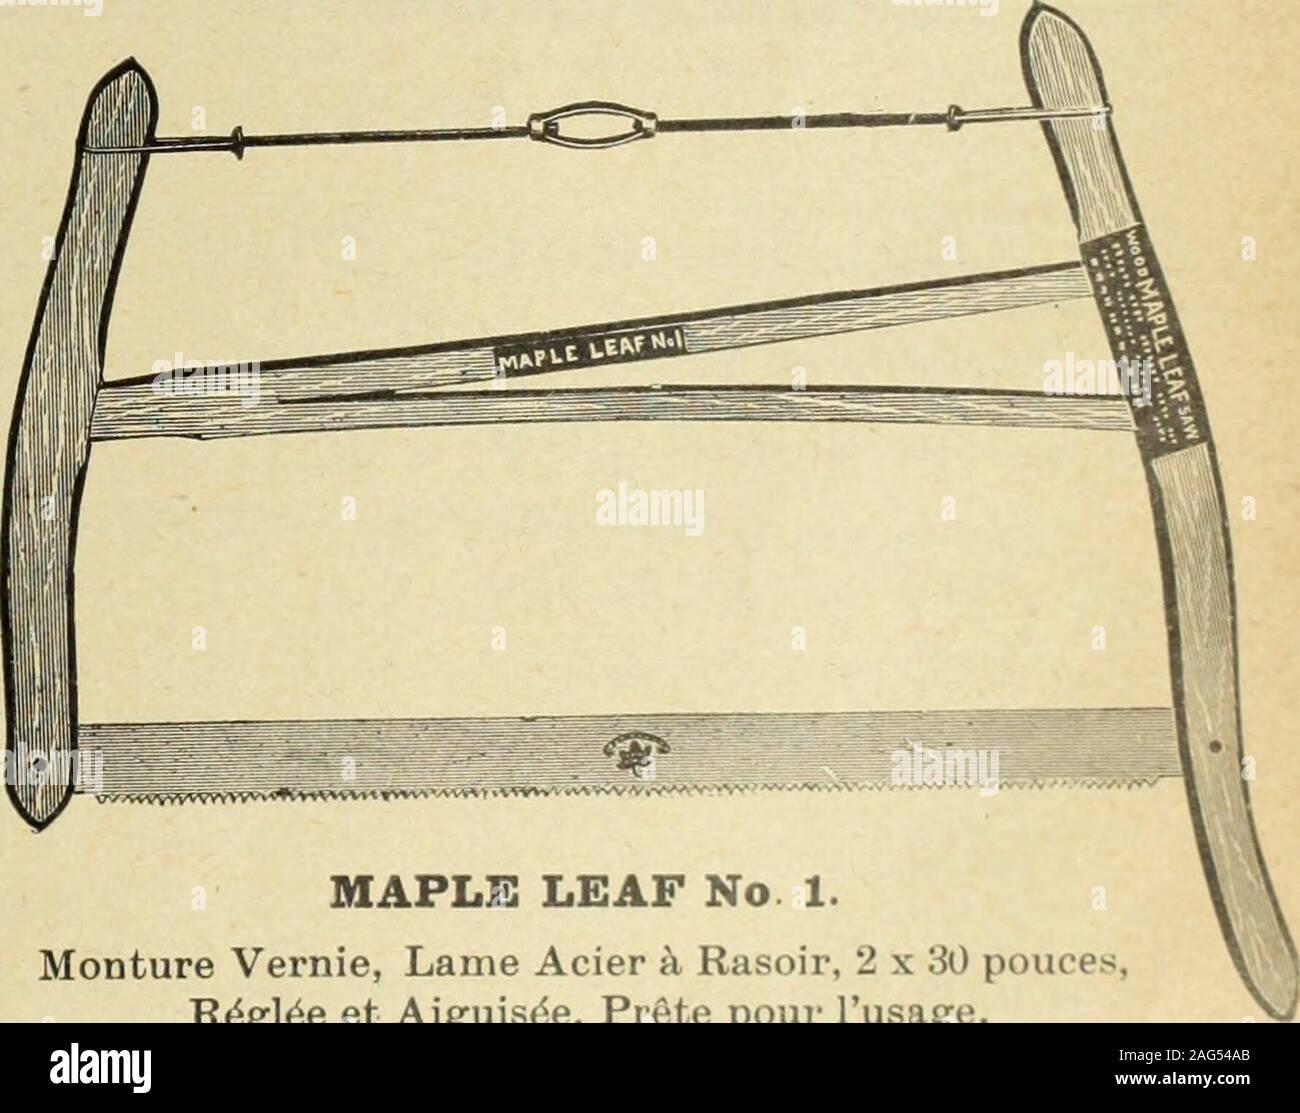 . Le quincaillier (Juillet-Decembre 1905). MAPLE LEAF No. 1. Monture Vernie, Lame Acier k Rasoir, 2 x 30 pouces,R^gl^e et Aiguisde, Prgte pour Iusage. Materiel choisi, Tigede Tension Clipper, Lame Polie, R6gl^eet Aiguis^e, Prfite pour Iusage. DEMANDEZ NOS PRIX LEWIS BROS. Ltd. MONXREAL.. OTTAWA TORONTO a/iiminjif»e:o VANCOUVERCALGARY 44 LE PRIX COURANT METAUXAntimoine lyautimoine est ferme et sans change-ment. On cote actuellement de 14 a 14 l-2c. la lb. Pontes Le marche des fontes est toujours tresferme. Nous cotons a la tonne: Carrom 21.50 22.50 01.aren.ce 19-00 19/50 G-arnbroe ^oc Summerle Stock Photo